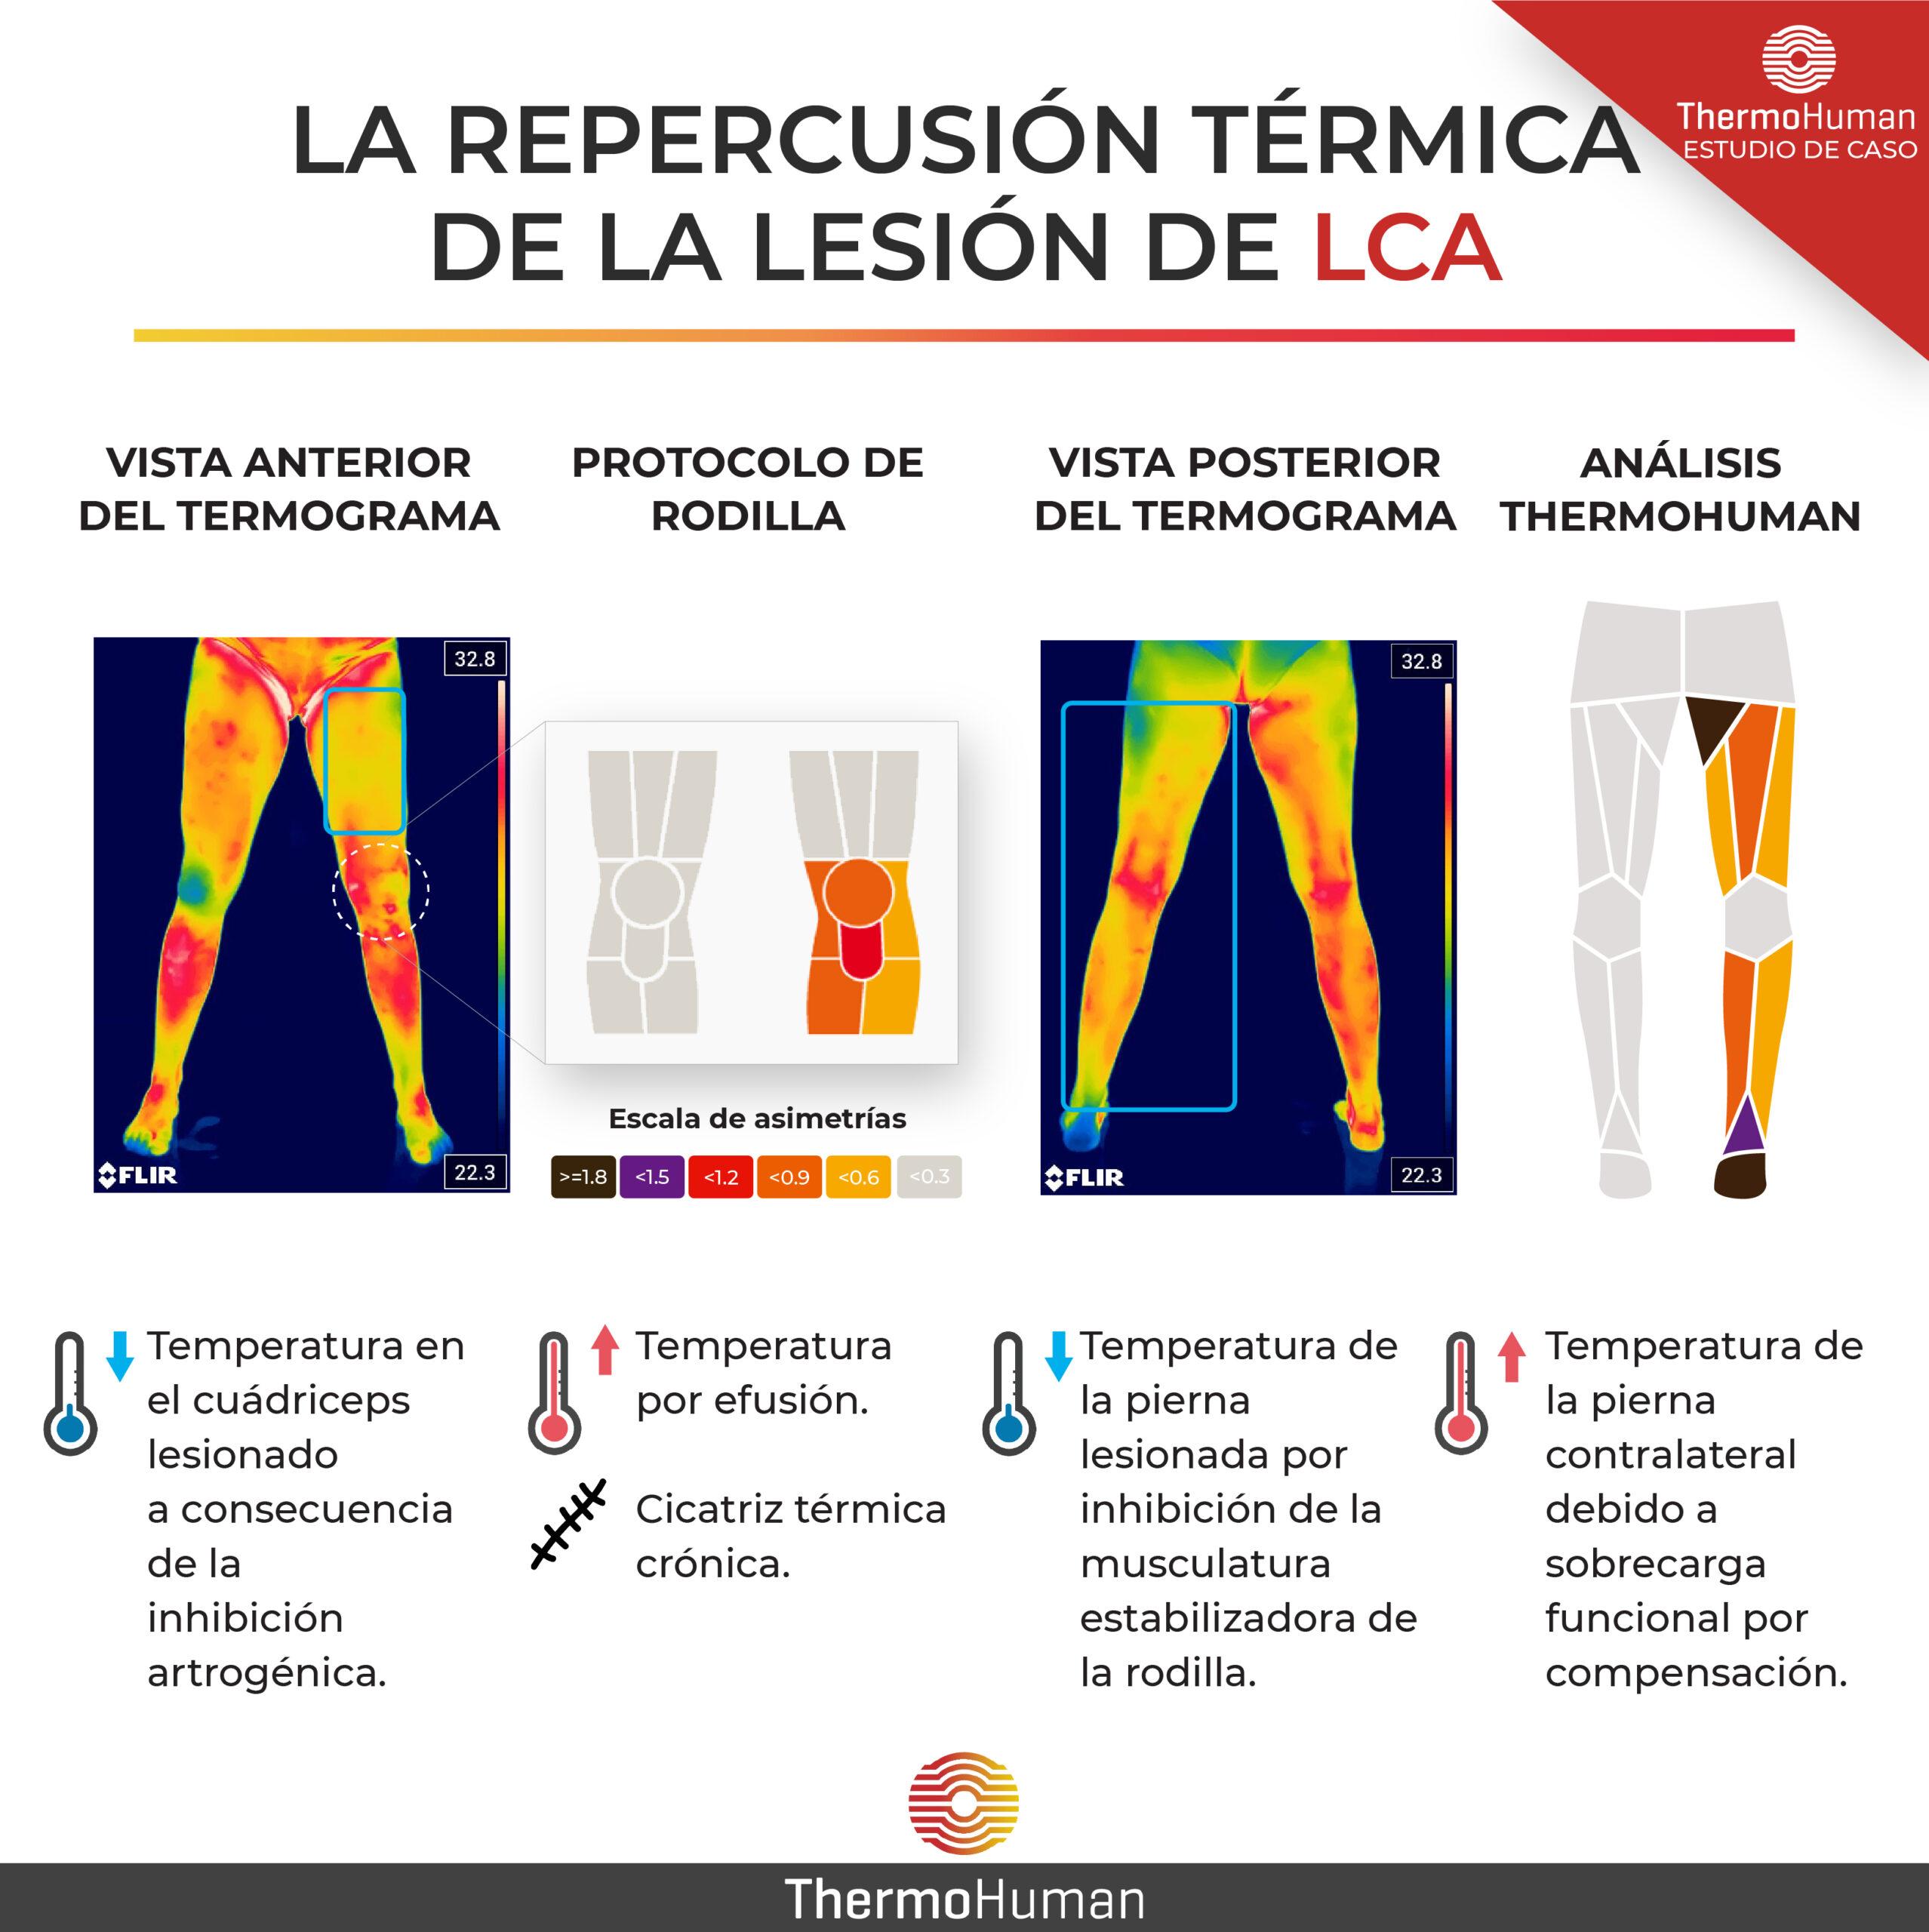 El ligamento cruzado anterior (LCA) y su evaluación con la termografía: una revisión crítica de la literatura científica